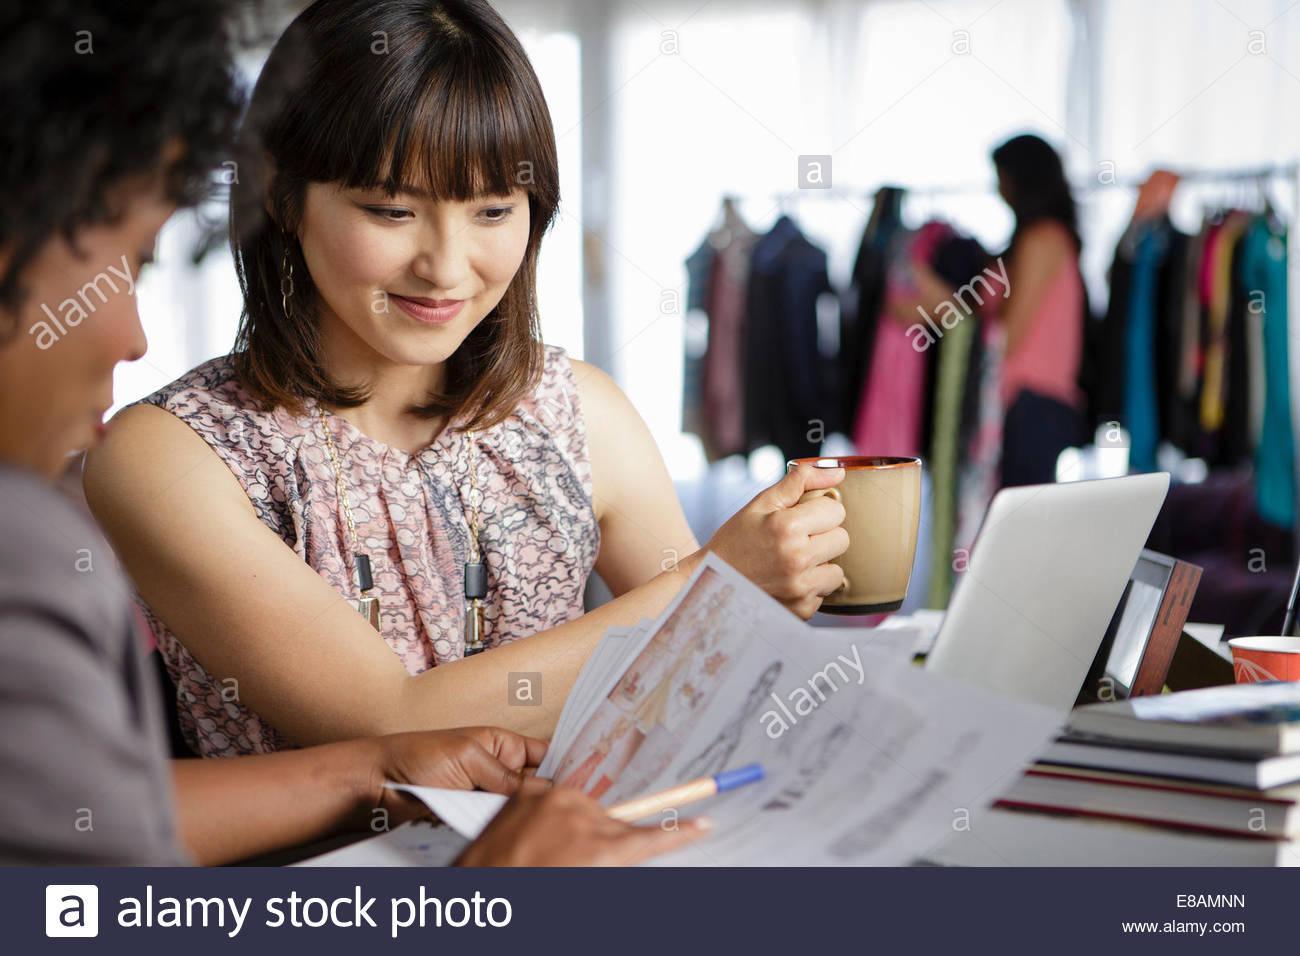 Female designers discussing designs - Stock Image